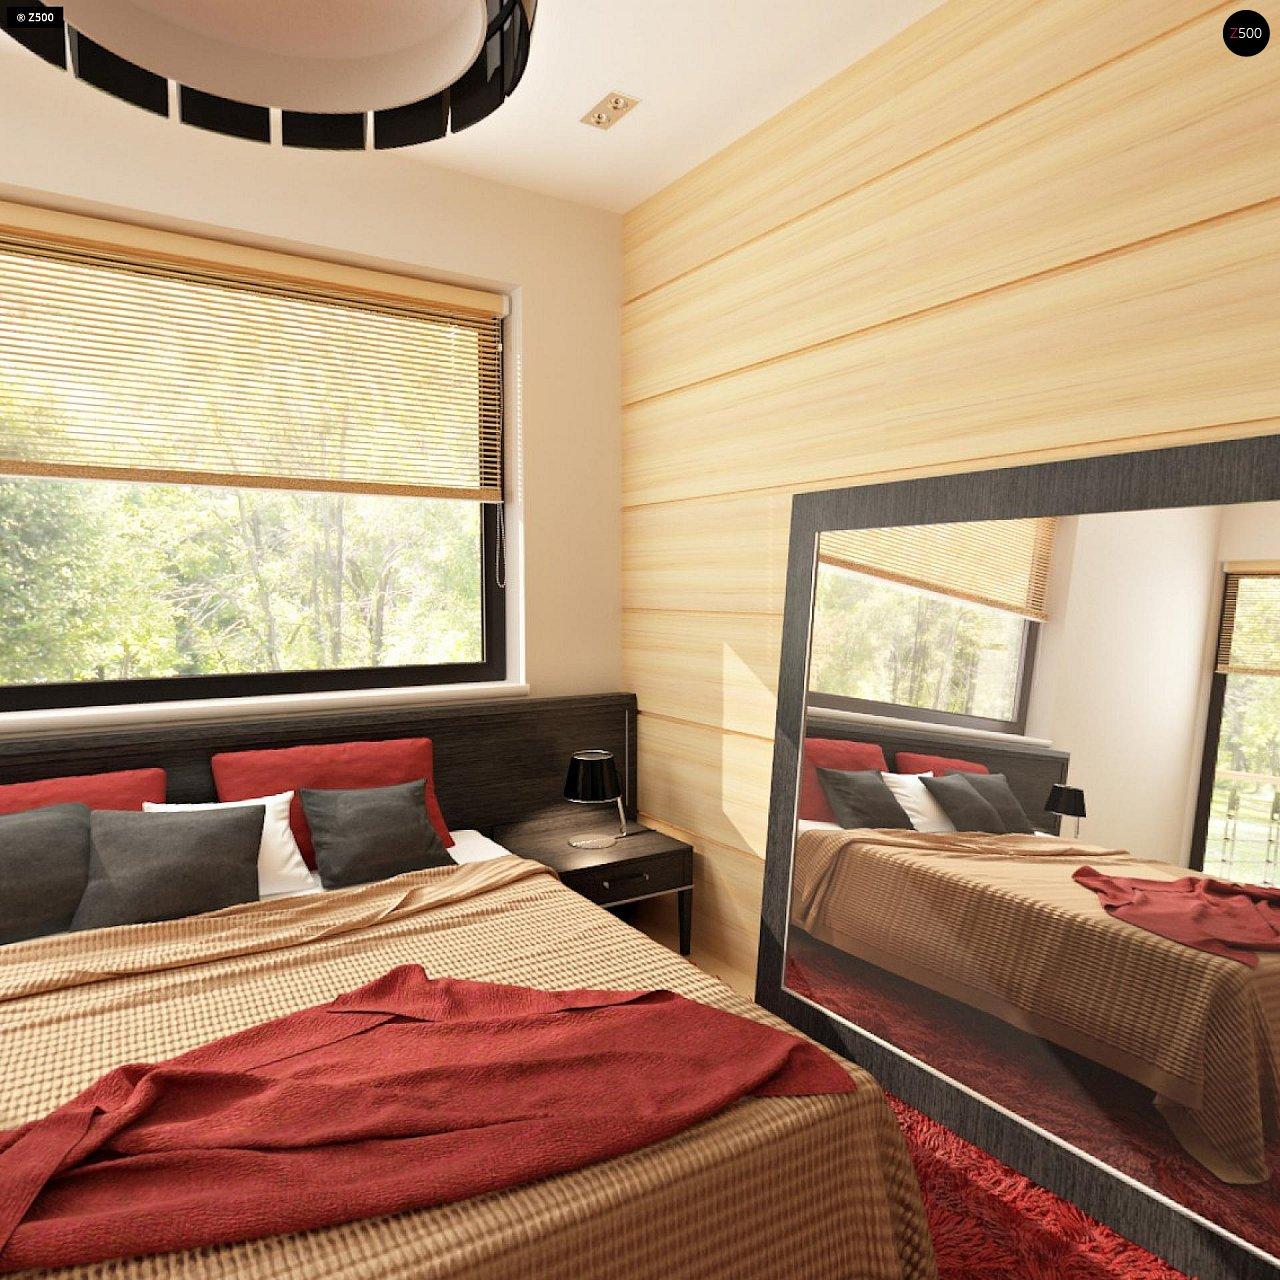 Вариант двухэтажного дома Zx24a с плитами перекрытия 15